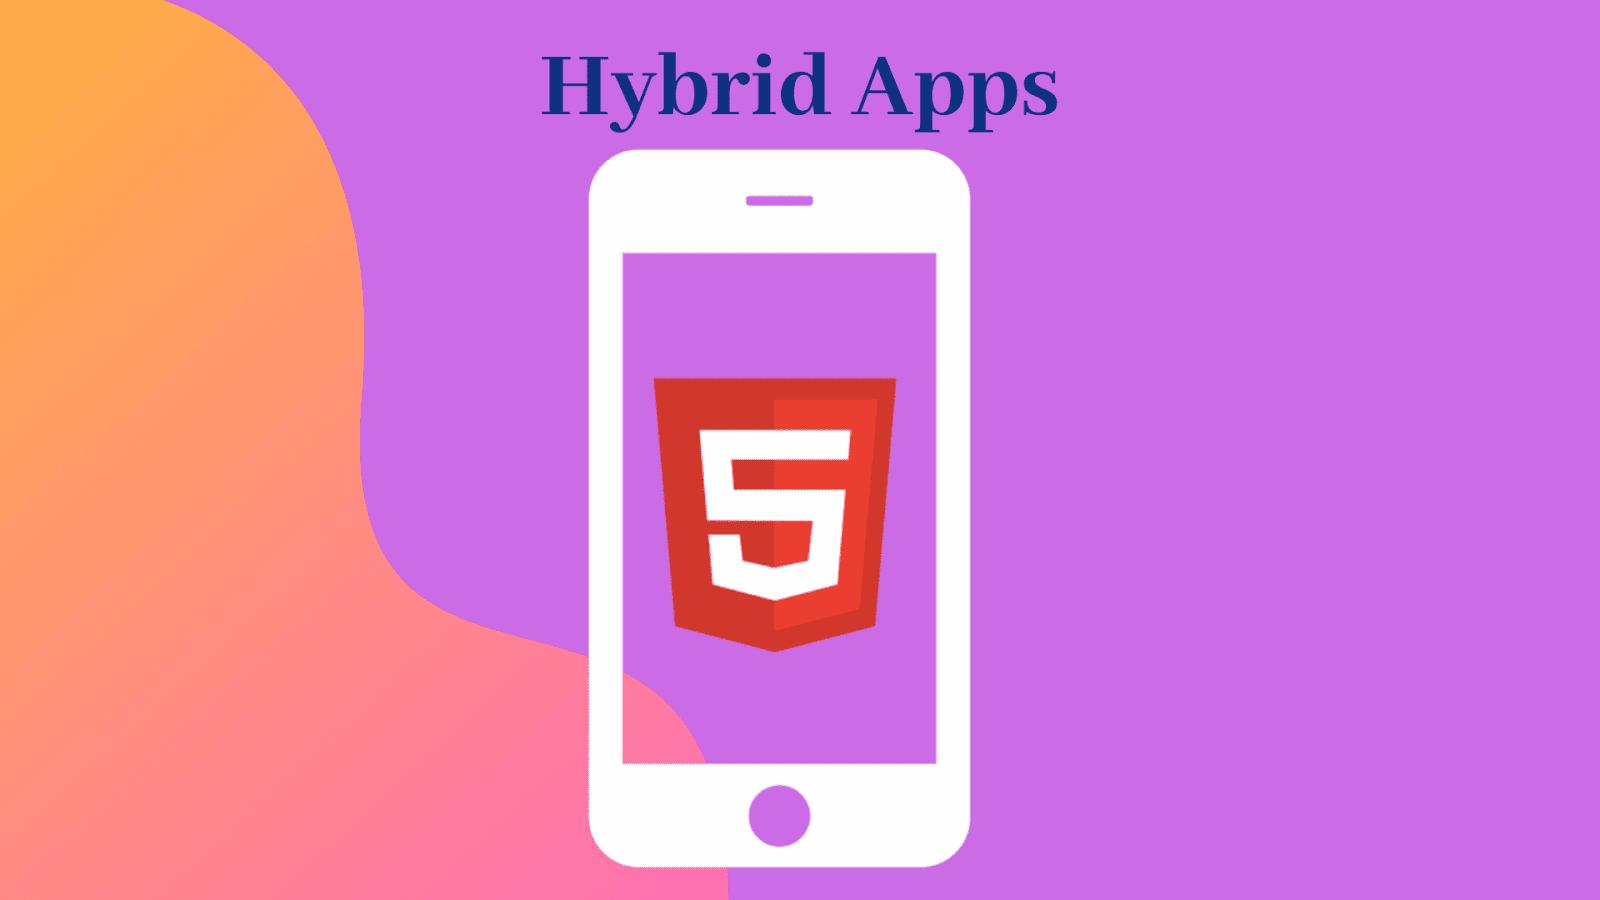 Hybrid Apps